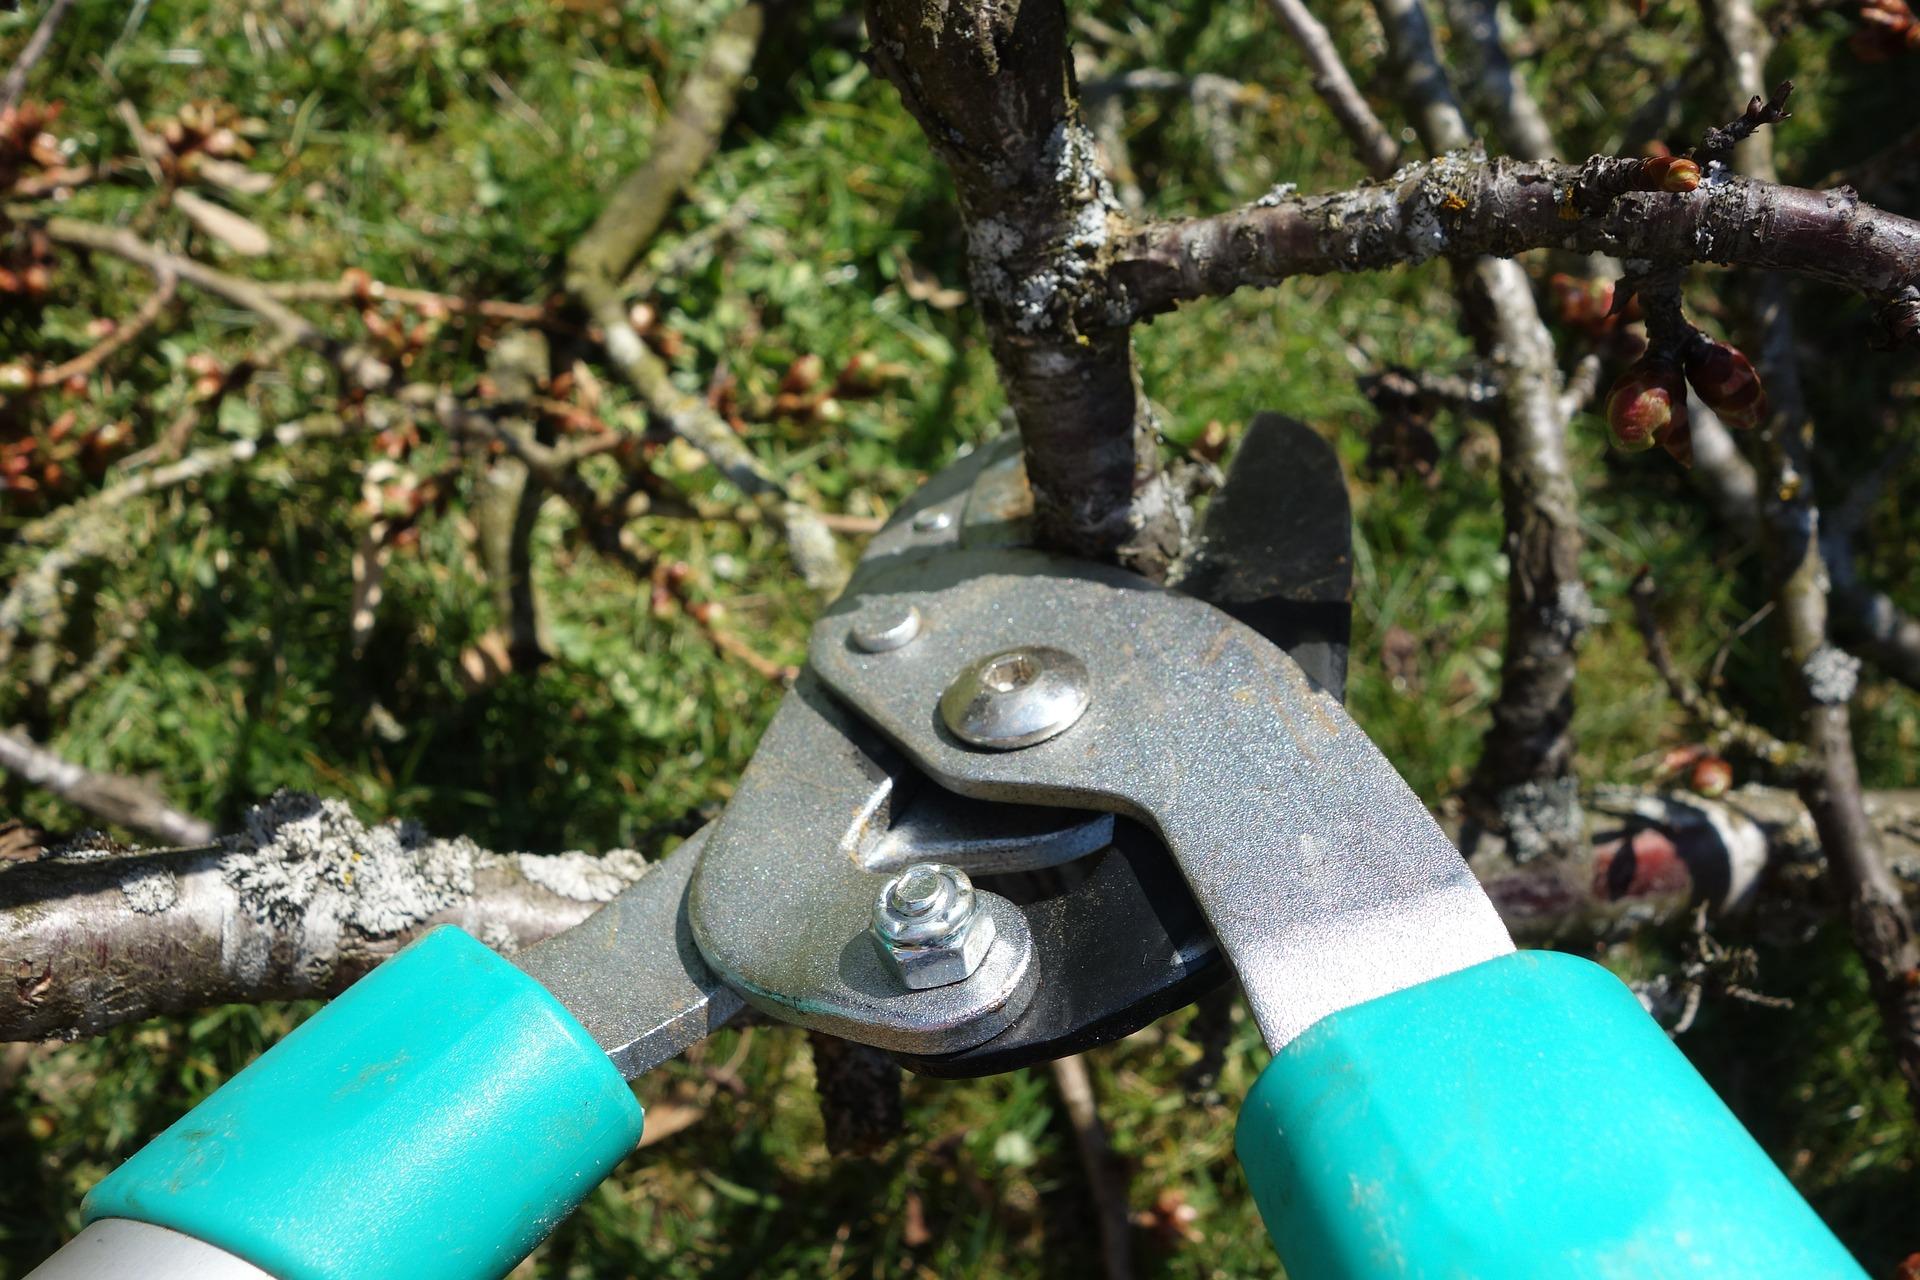 Prun trees